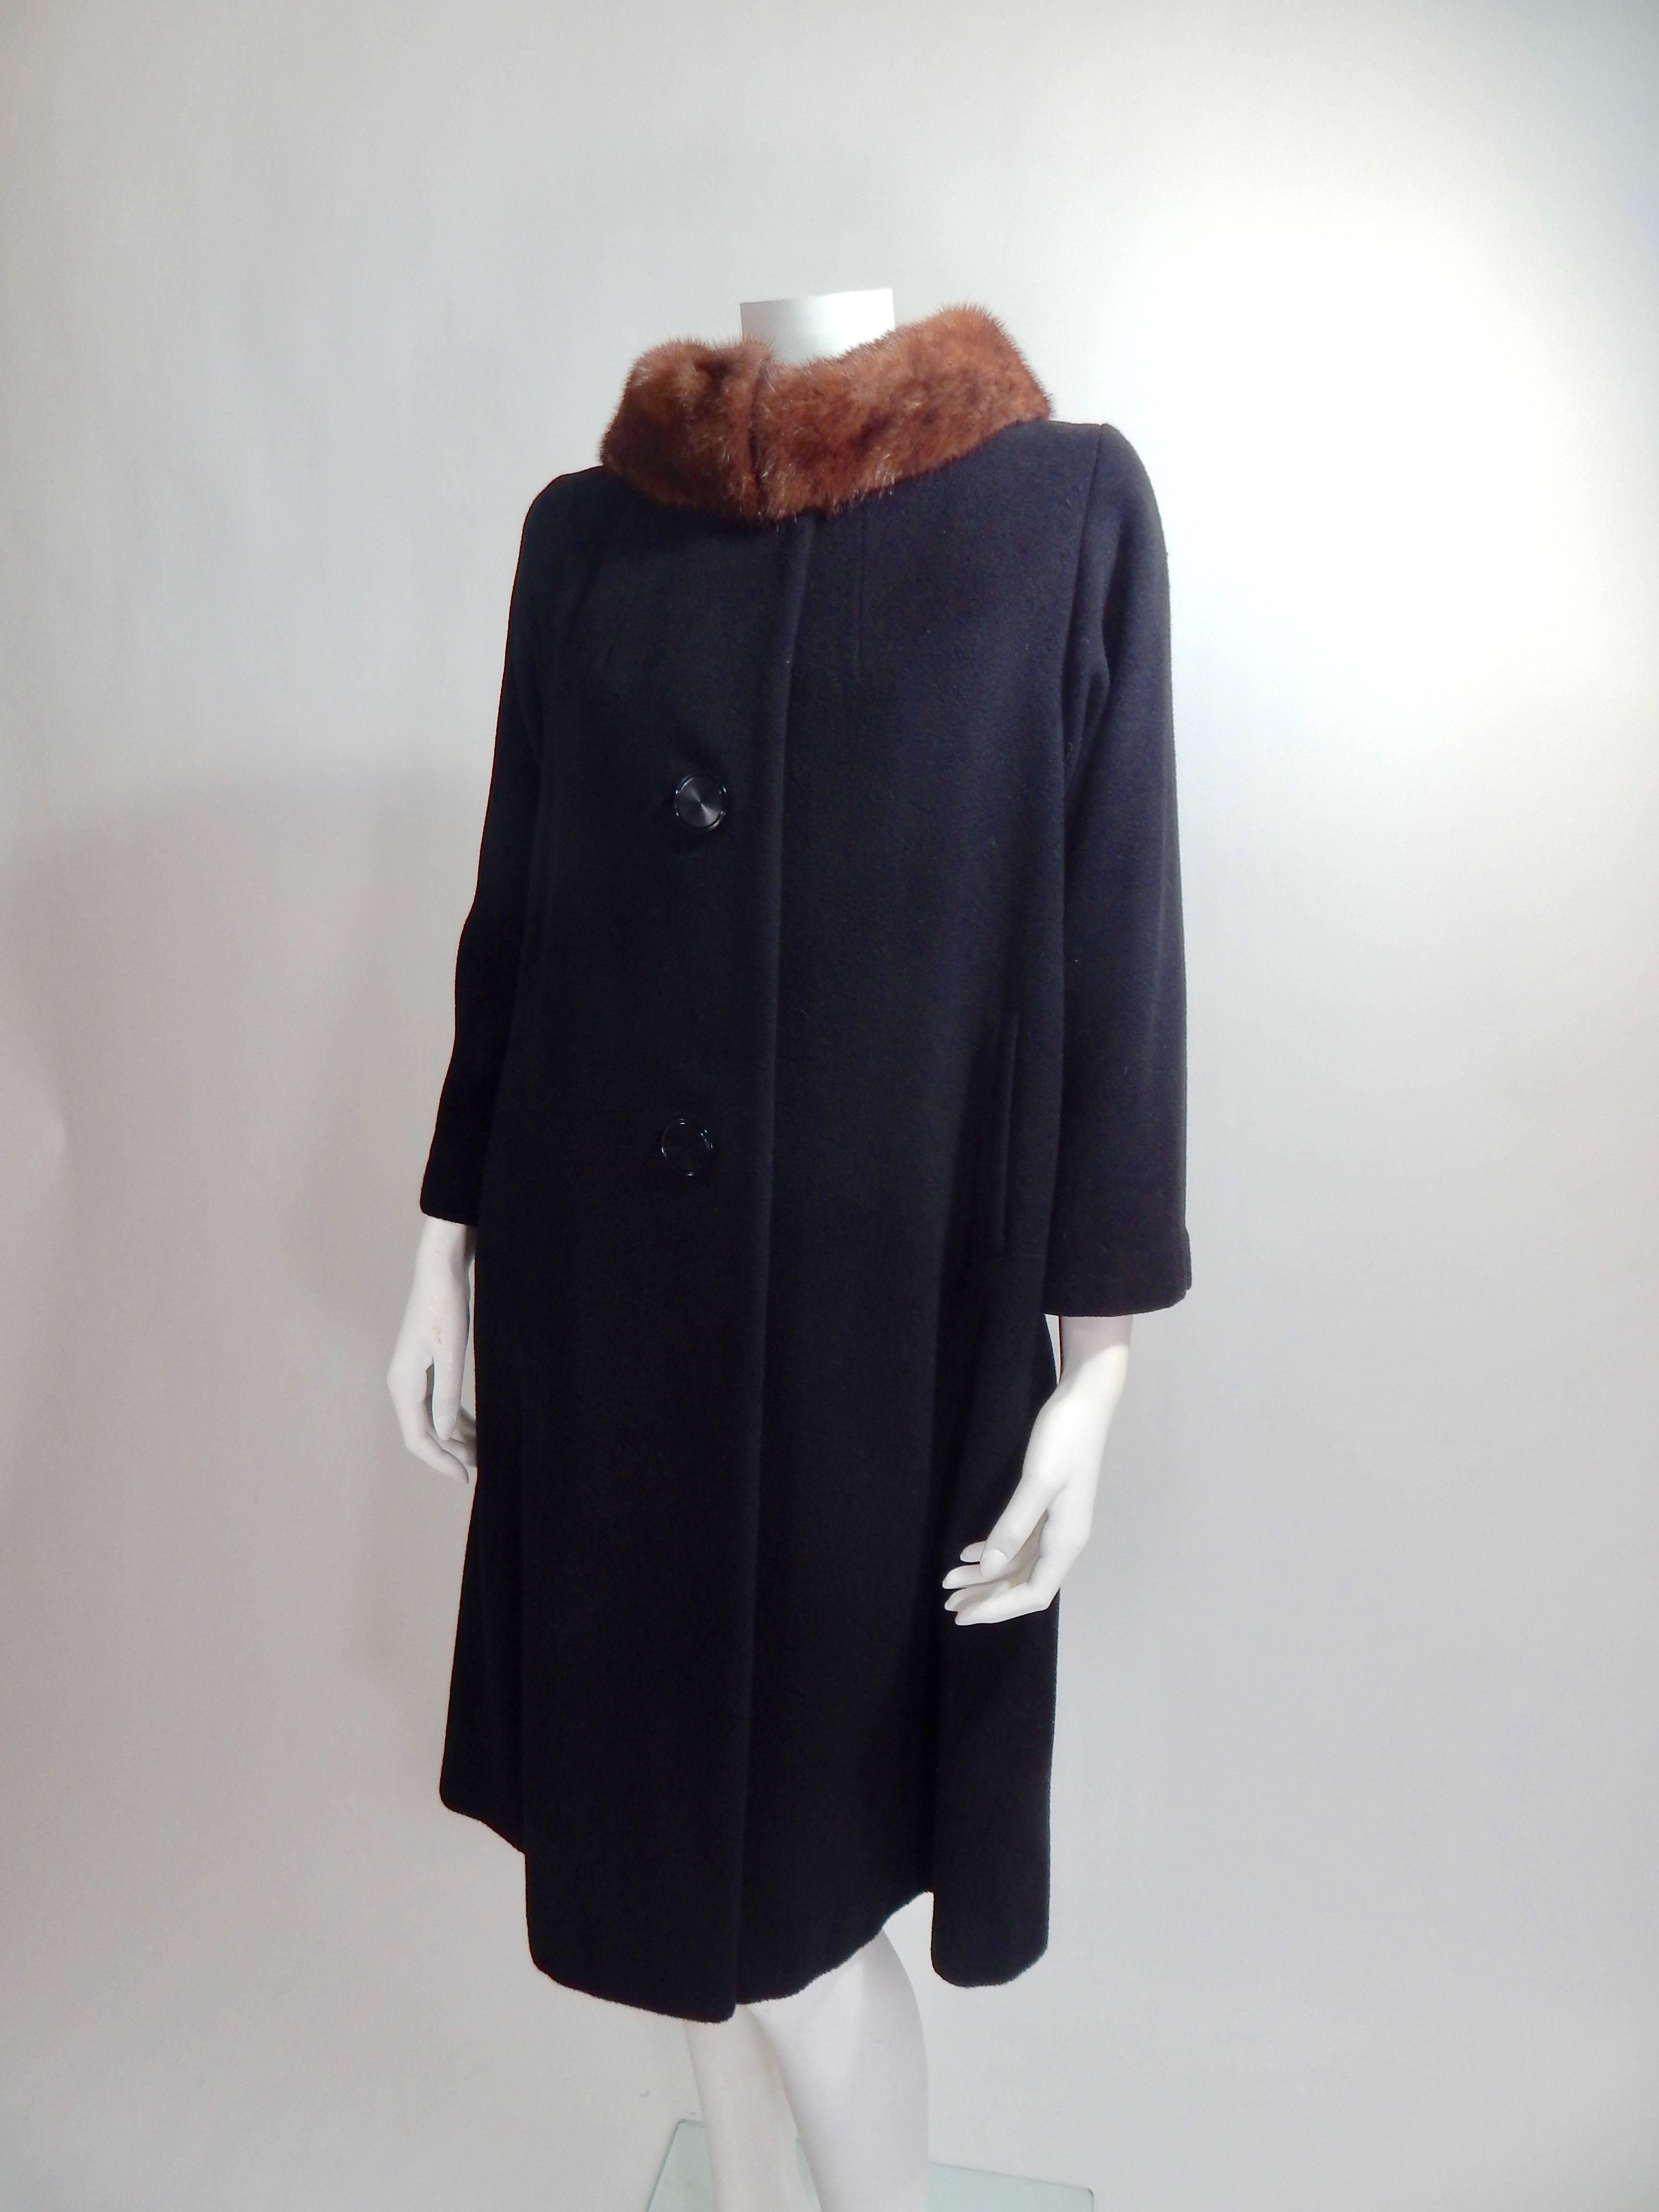 1950s Black Cashmere And Mink Fur Coat For Sale At 1stdibs